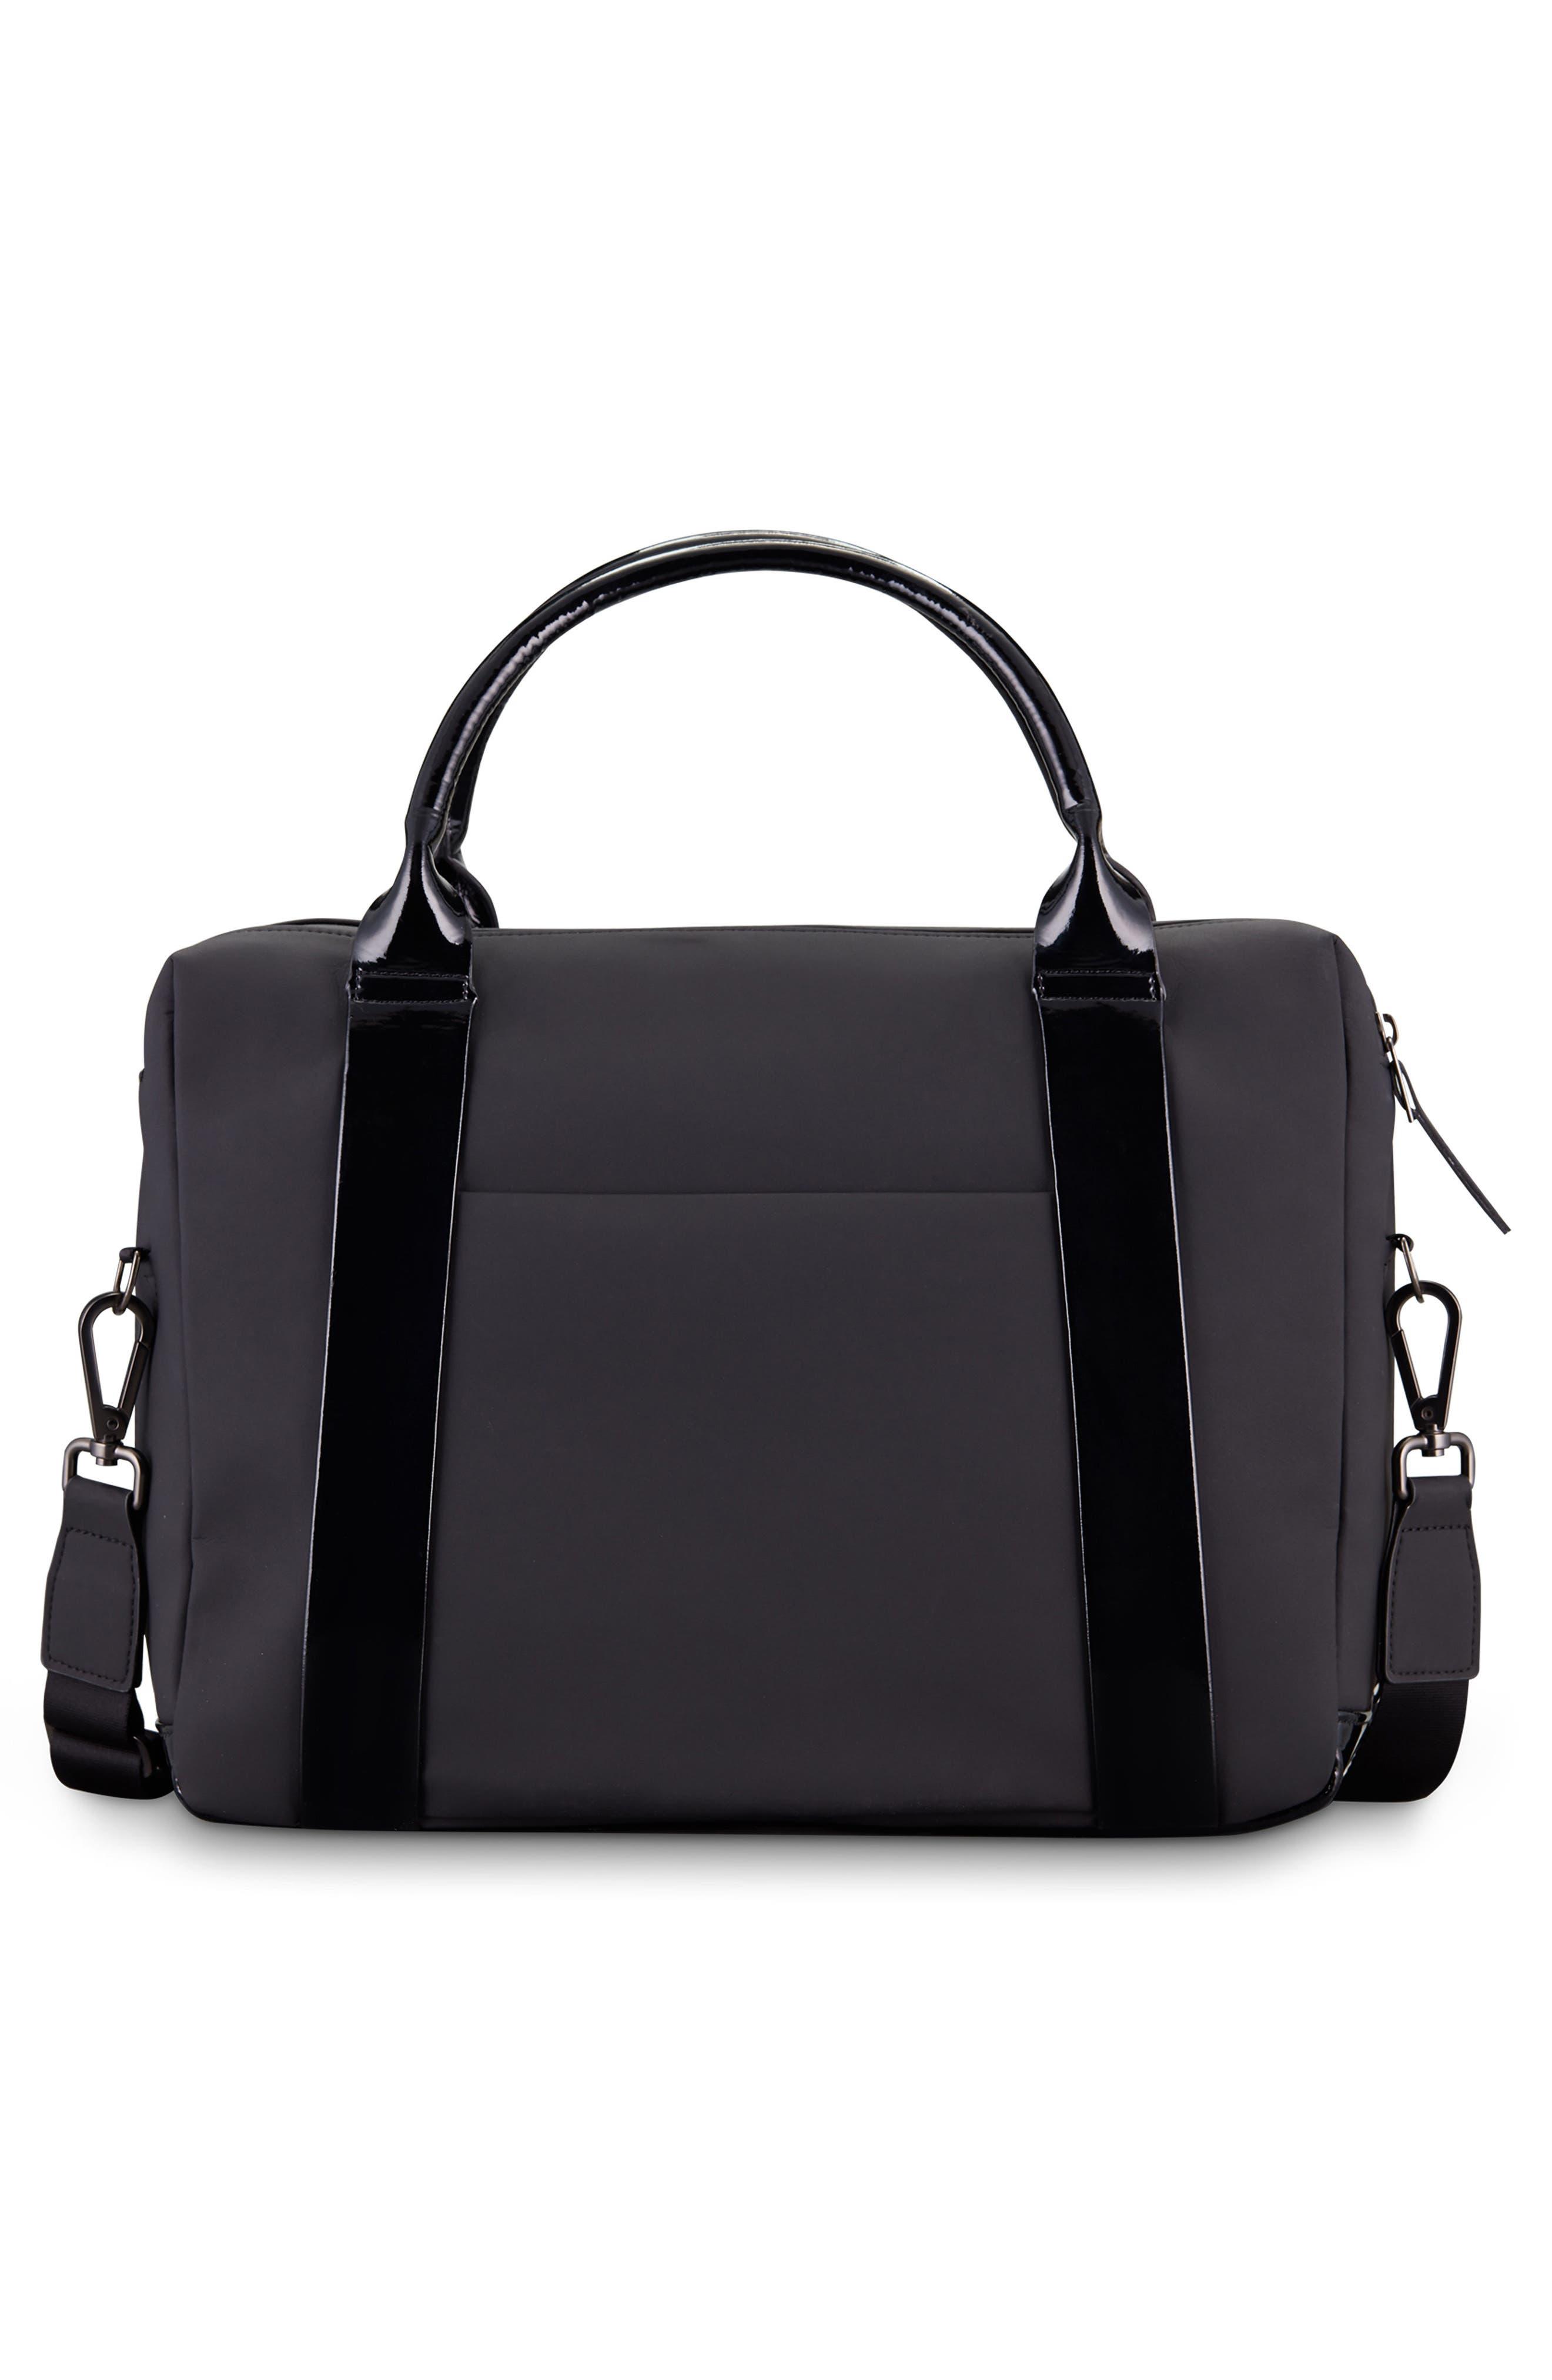 VESSEL, Signature 2.0 Faux Leather Briefcase, Alternate thumbnail 2, color, MATTE/ PATENT BLACK